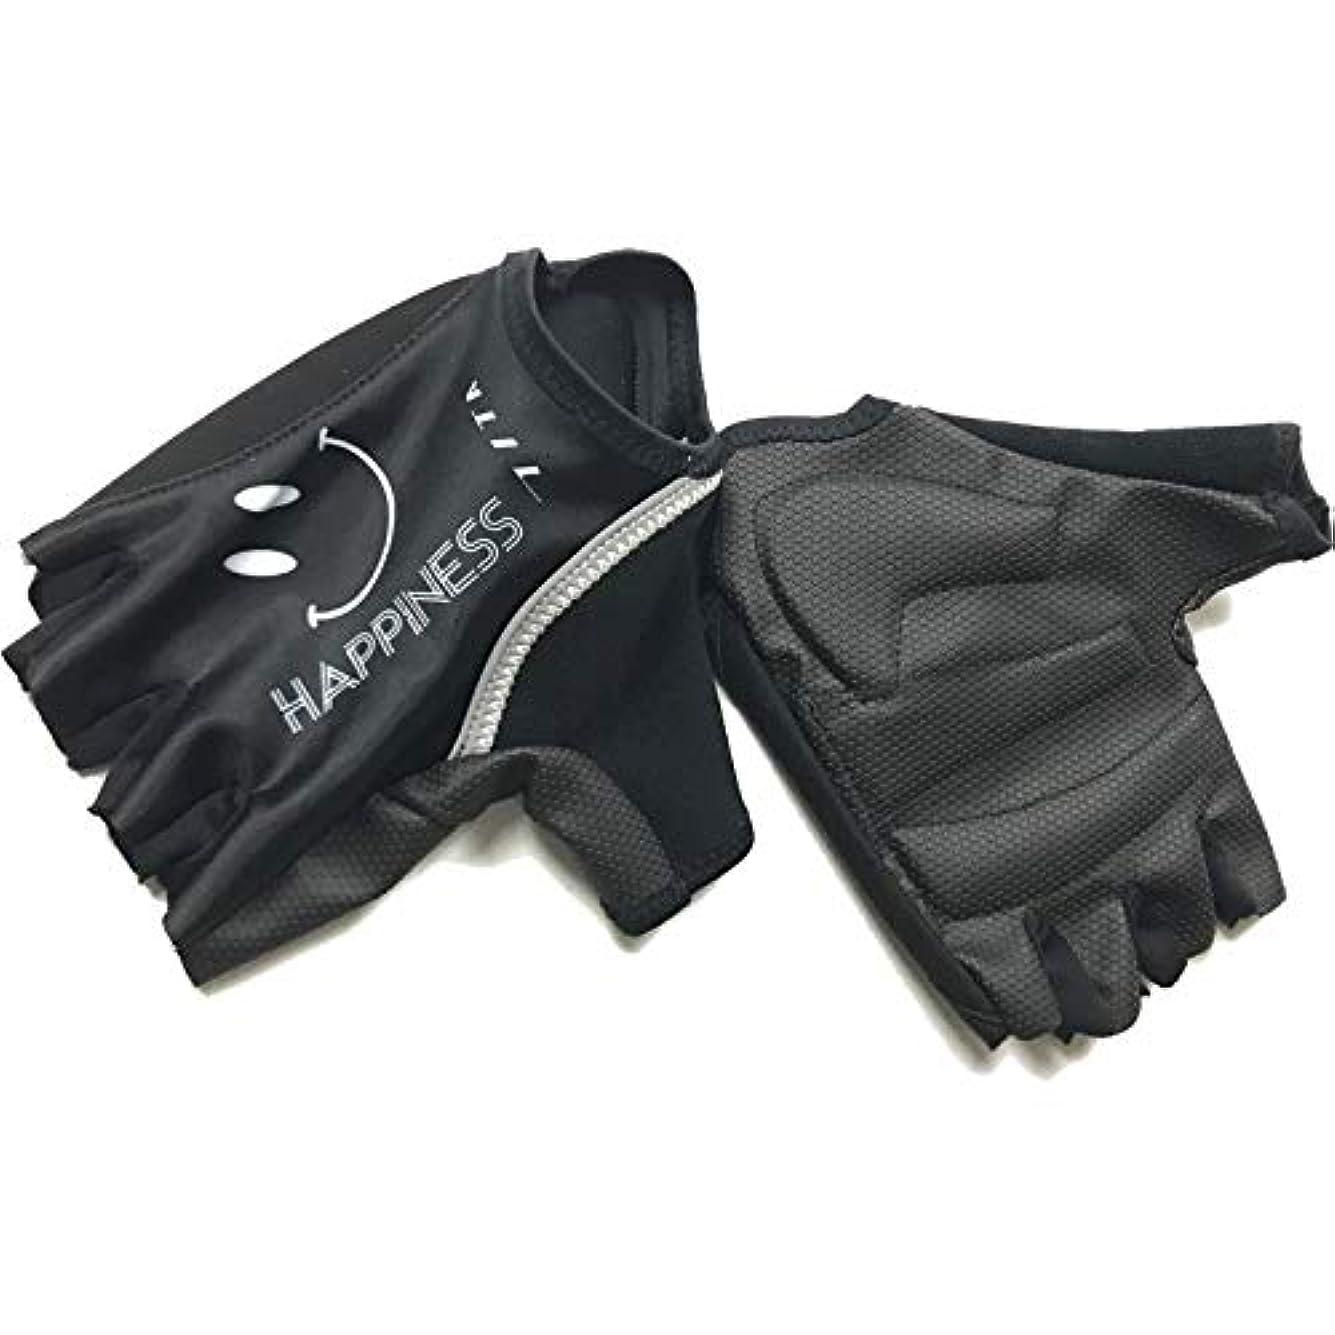 放射能回復する尊厳セブンイタリア Smile II Gloves ブラック XS(79S-SM2-GV-BKXS)